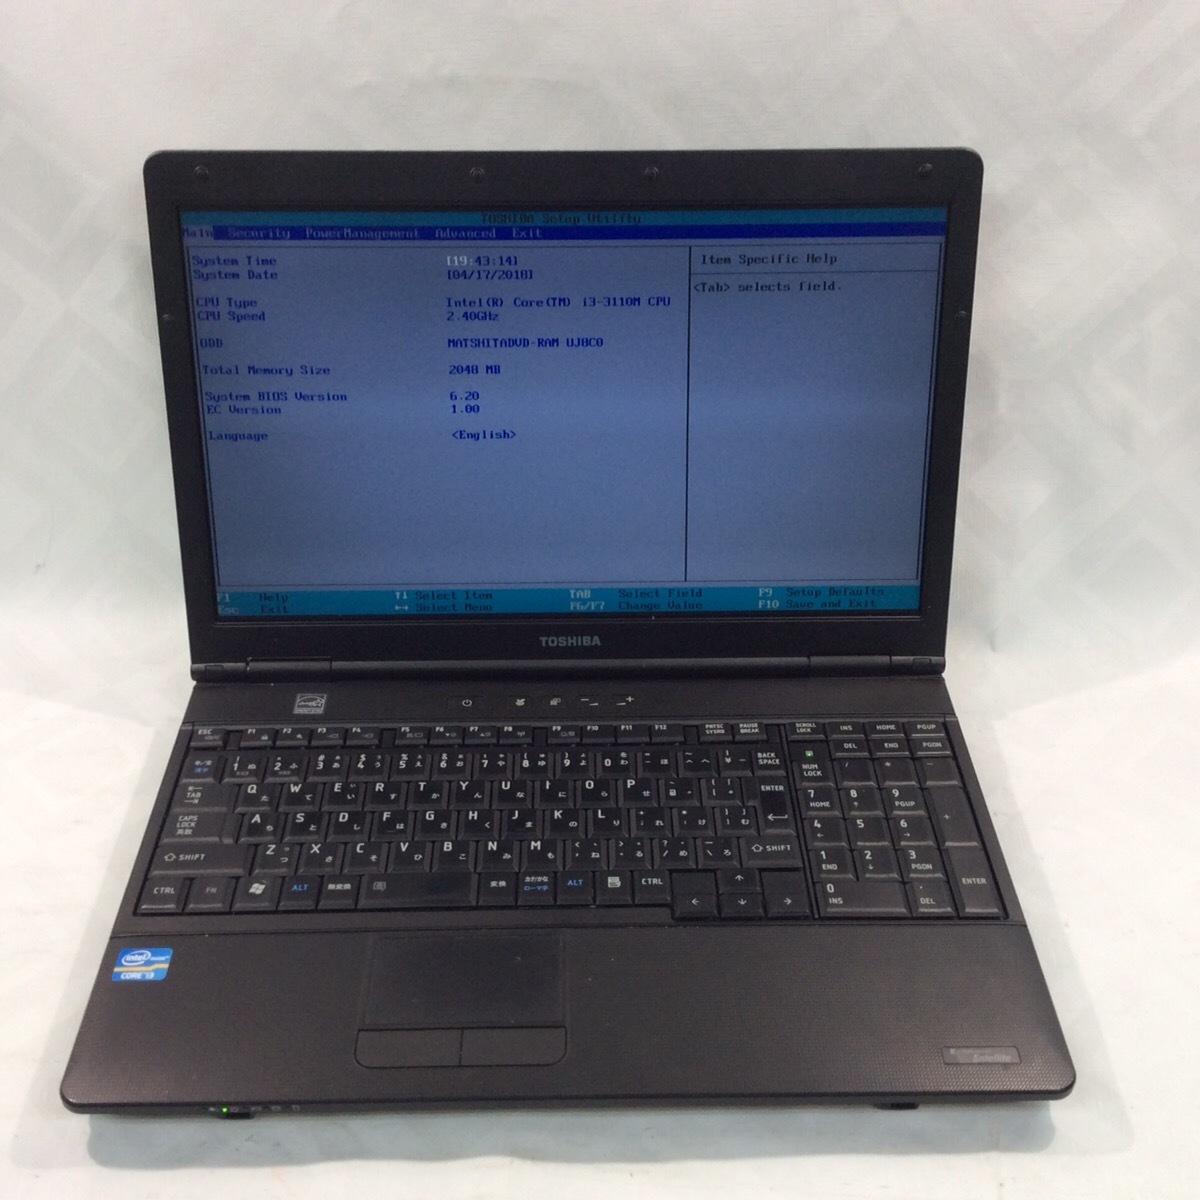 【ジャンク品】[K0417(6)]ノートパソコン 東芝 PB552GFBPR5B71 HDDなし メモリなし 1円スタート